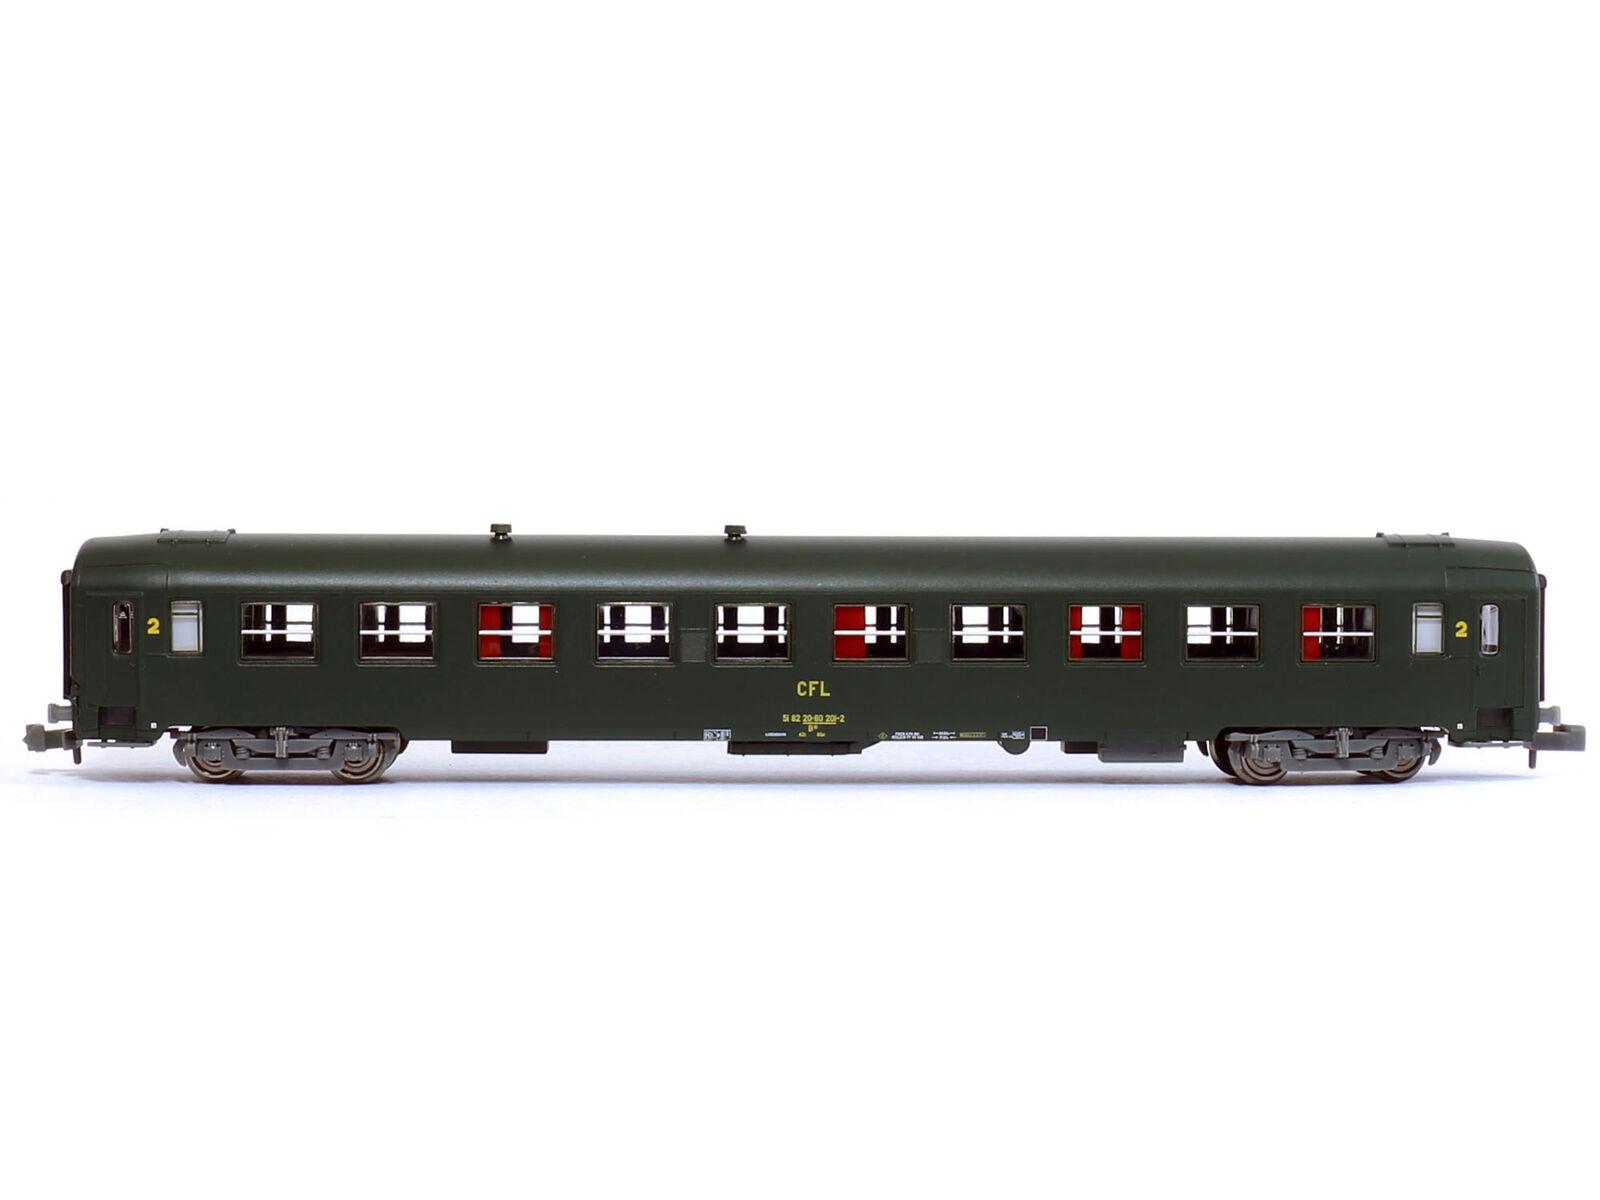 REE NW-154 - Personenwagen Schnellzugwagen UIC CFL Epoche IV - Spur N - NEU